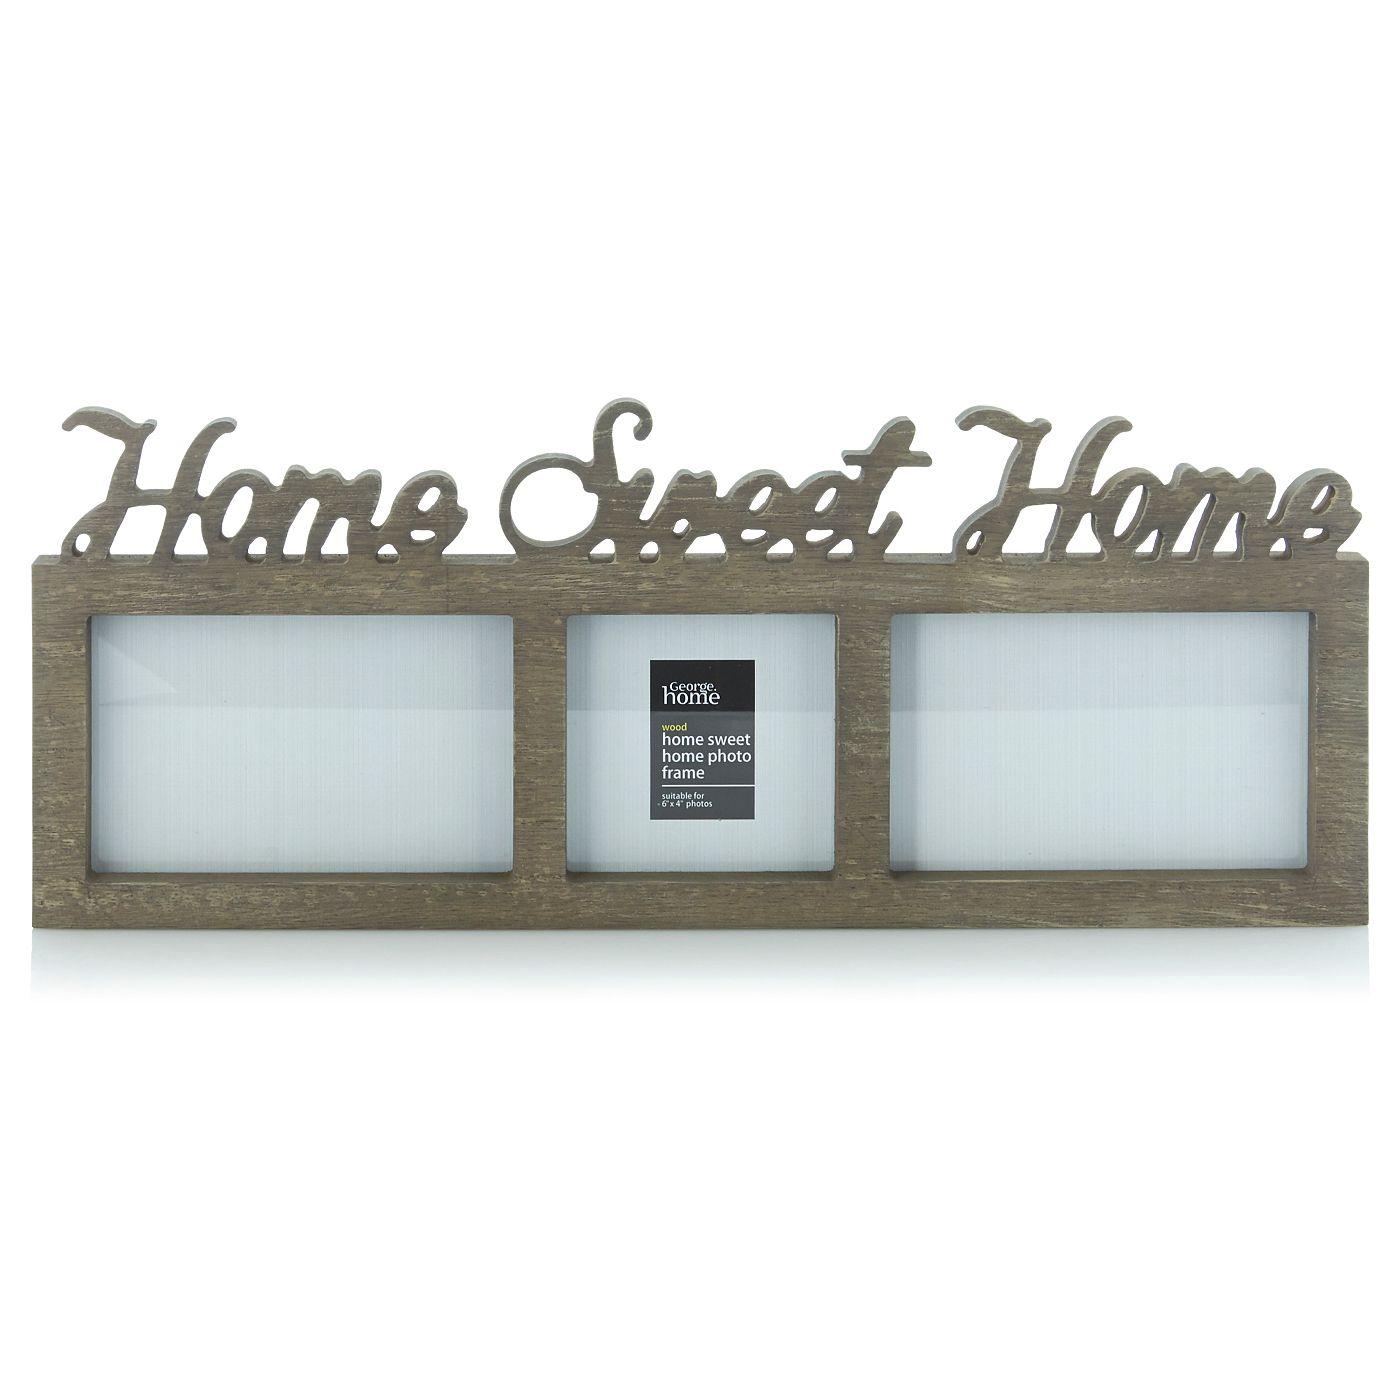 george home 39 home sweet home 39 photo frame frames. Black Bedroom Furniture Sets. Home Design Ideas